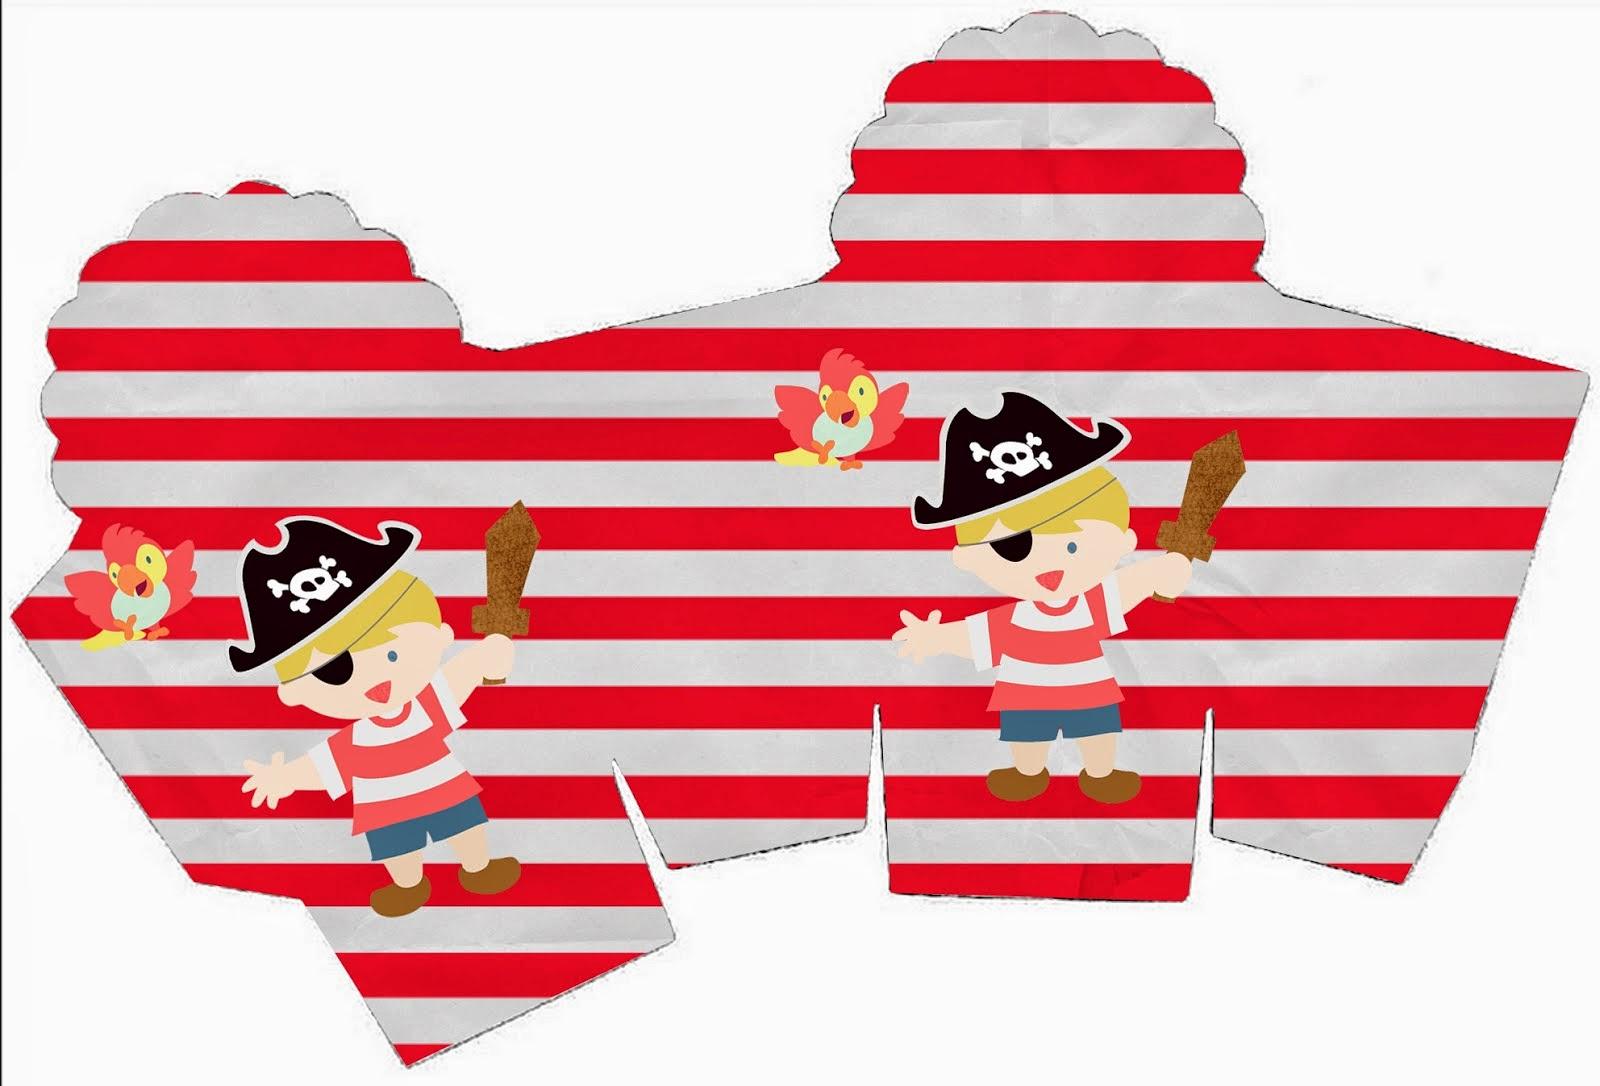 barco pirata bucky de jake y los piratas de nunca jamas Car Tuning